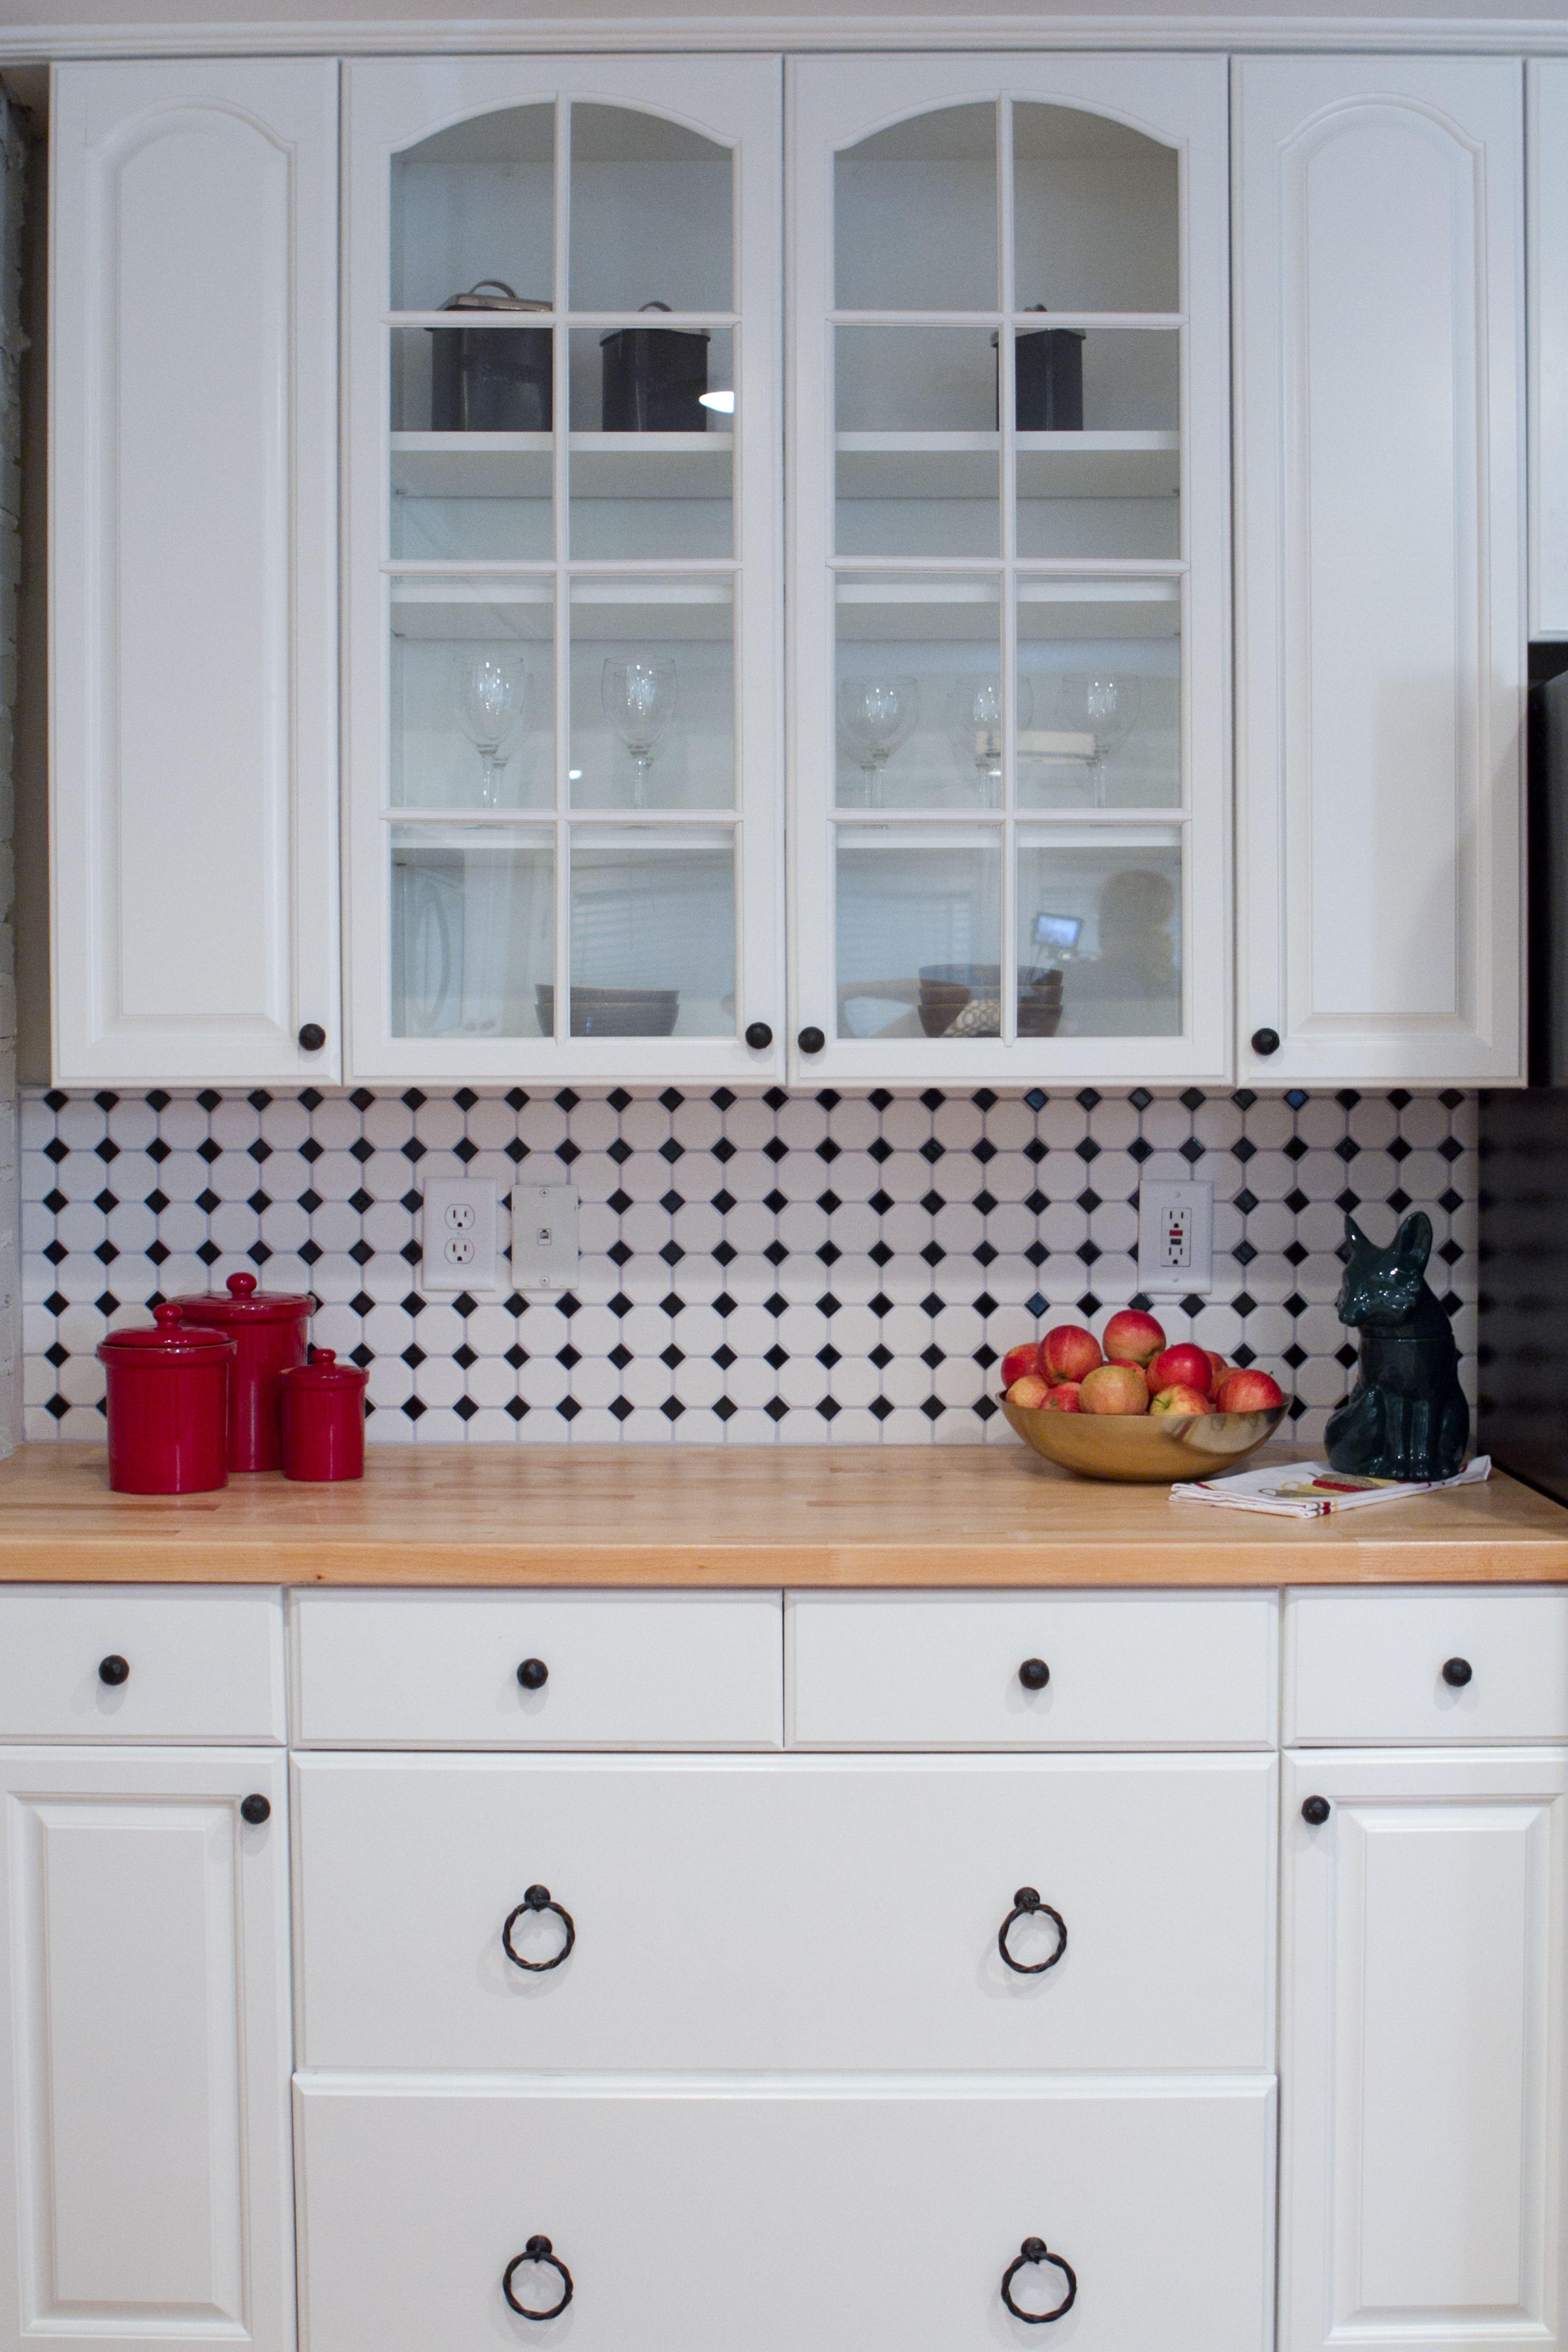 kitchen backsplash tile octagon dot matte white with black glossy dot 650 kitchen tiles backsplash white kitchen remodeling white kitchen bar stools